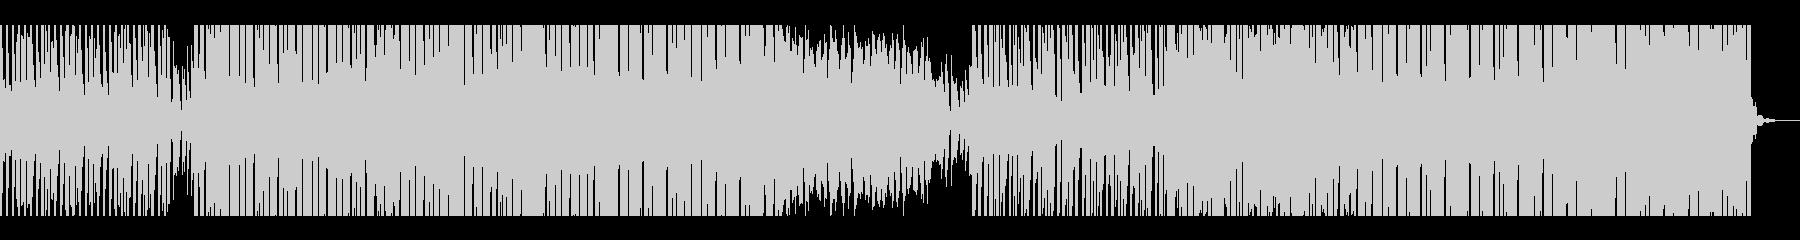 トレンディディープハウスの未再生の波形